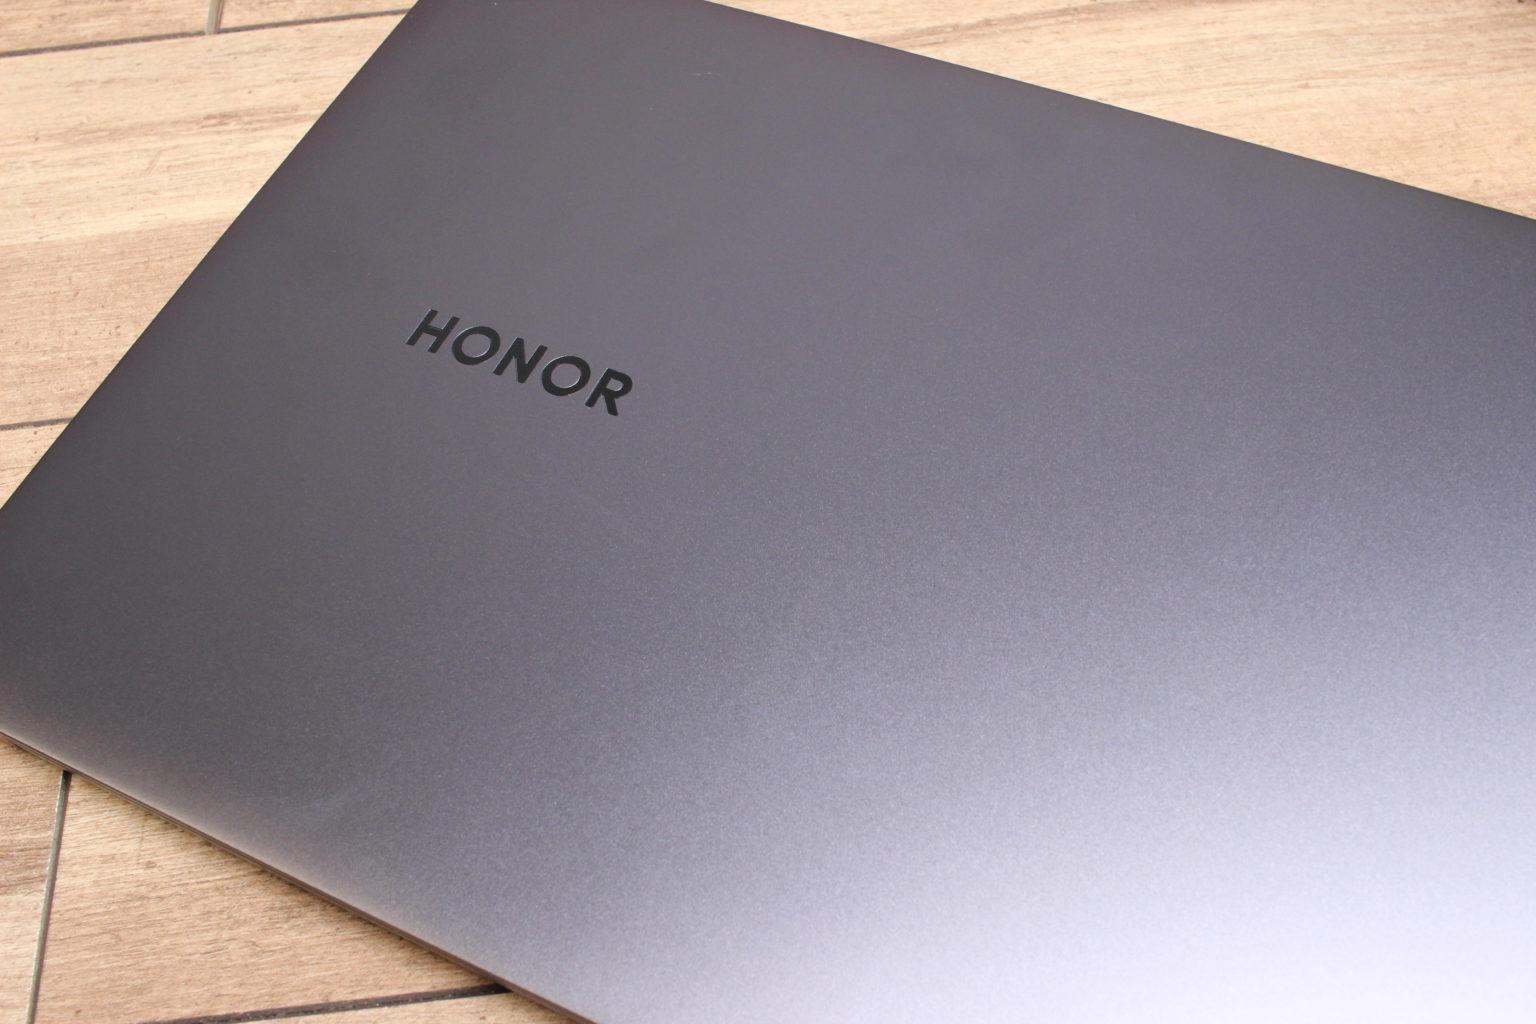 Carcasa superior con logo de Honor del ordenador portátil Honor MagicBook Pro